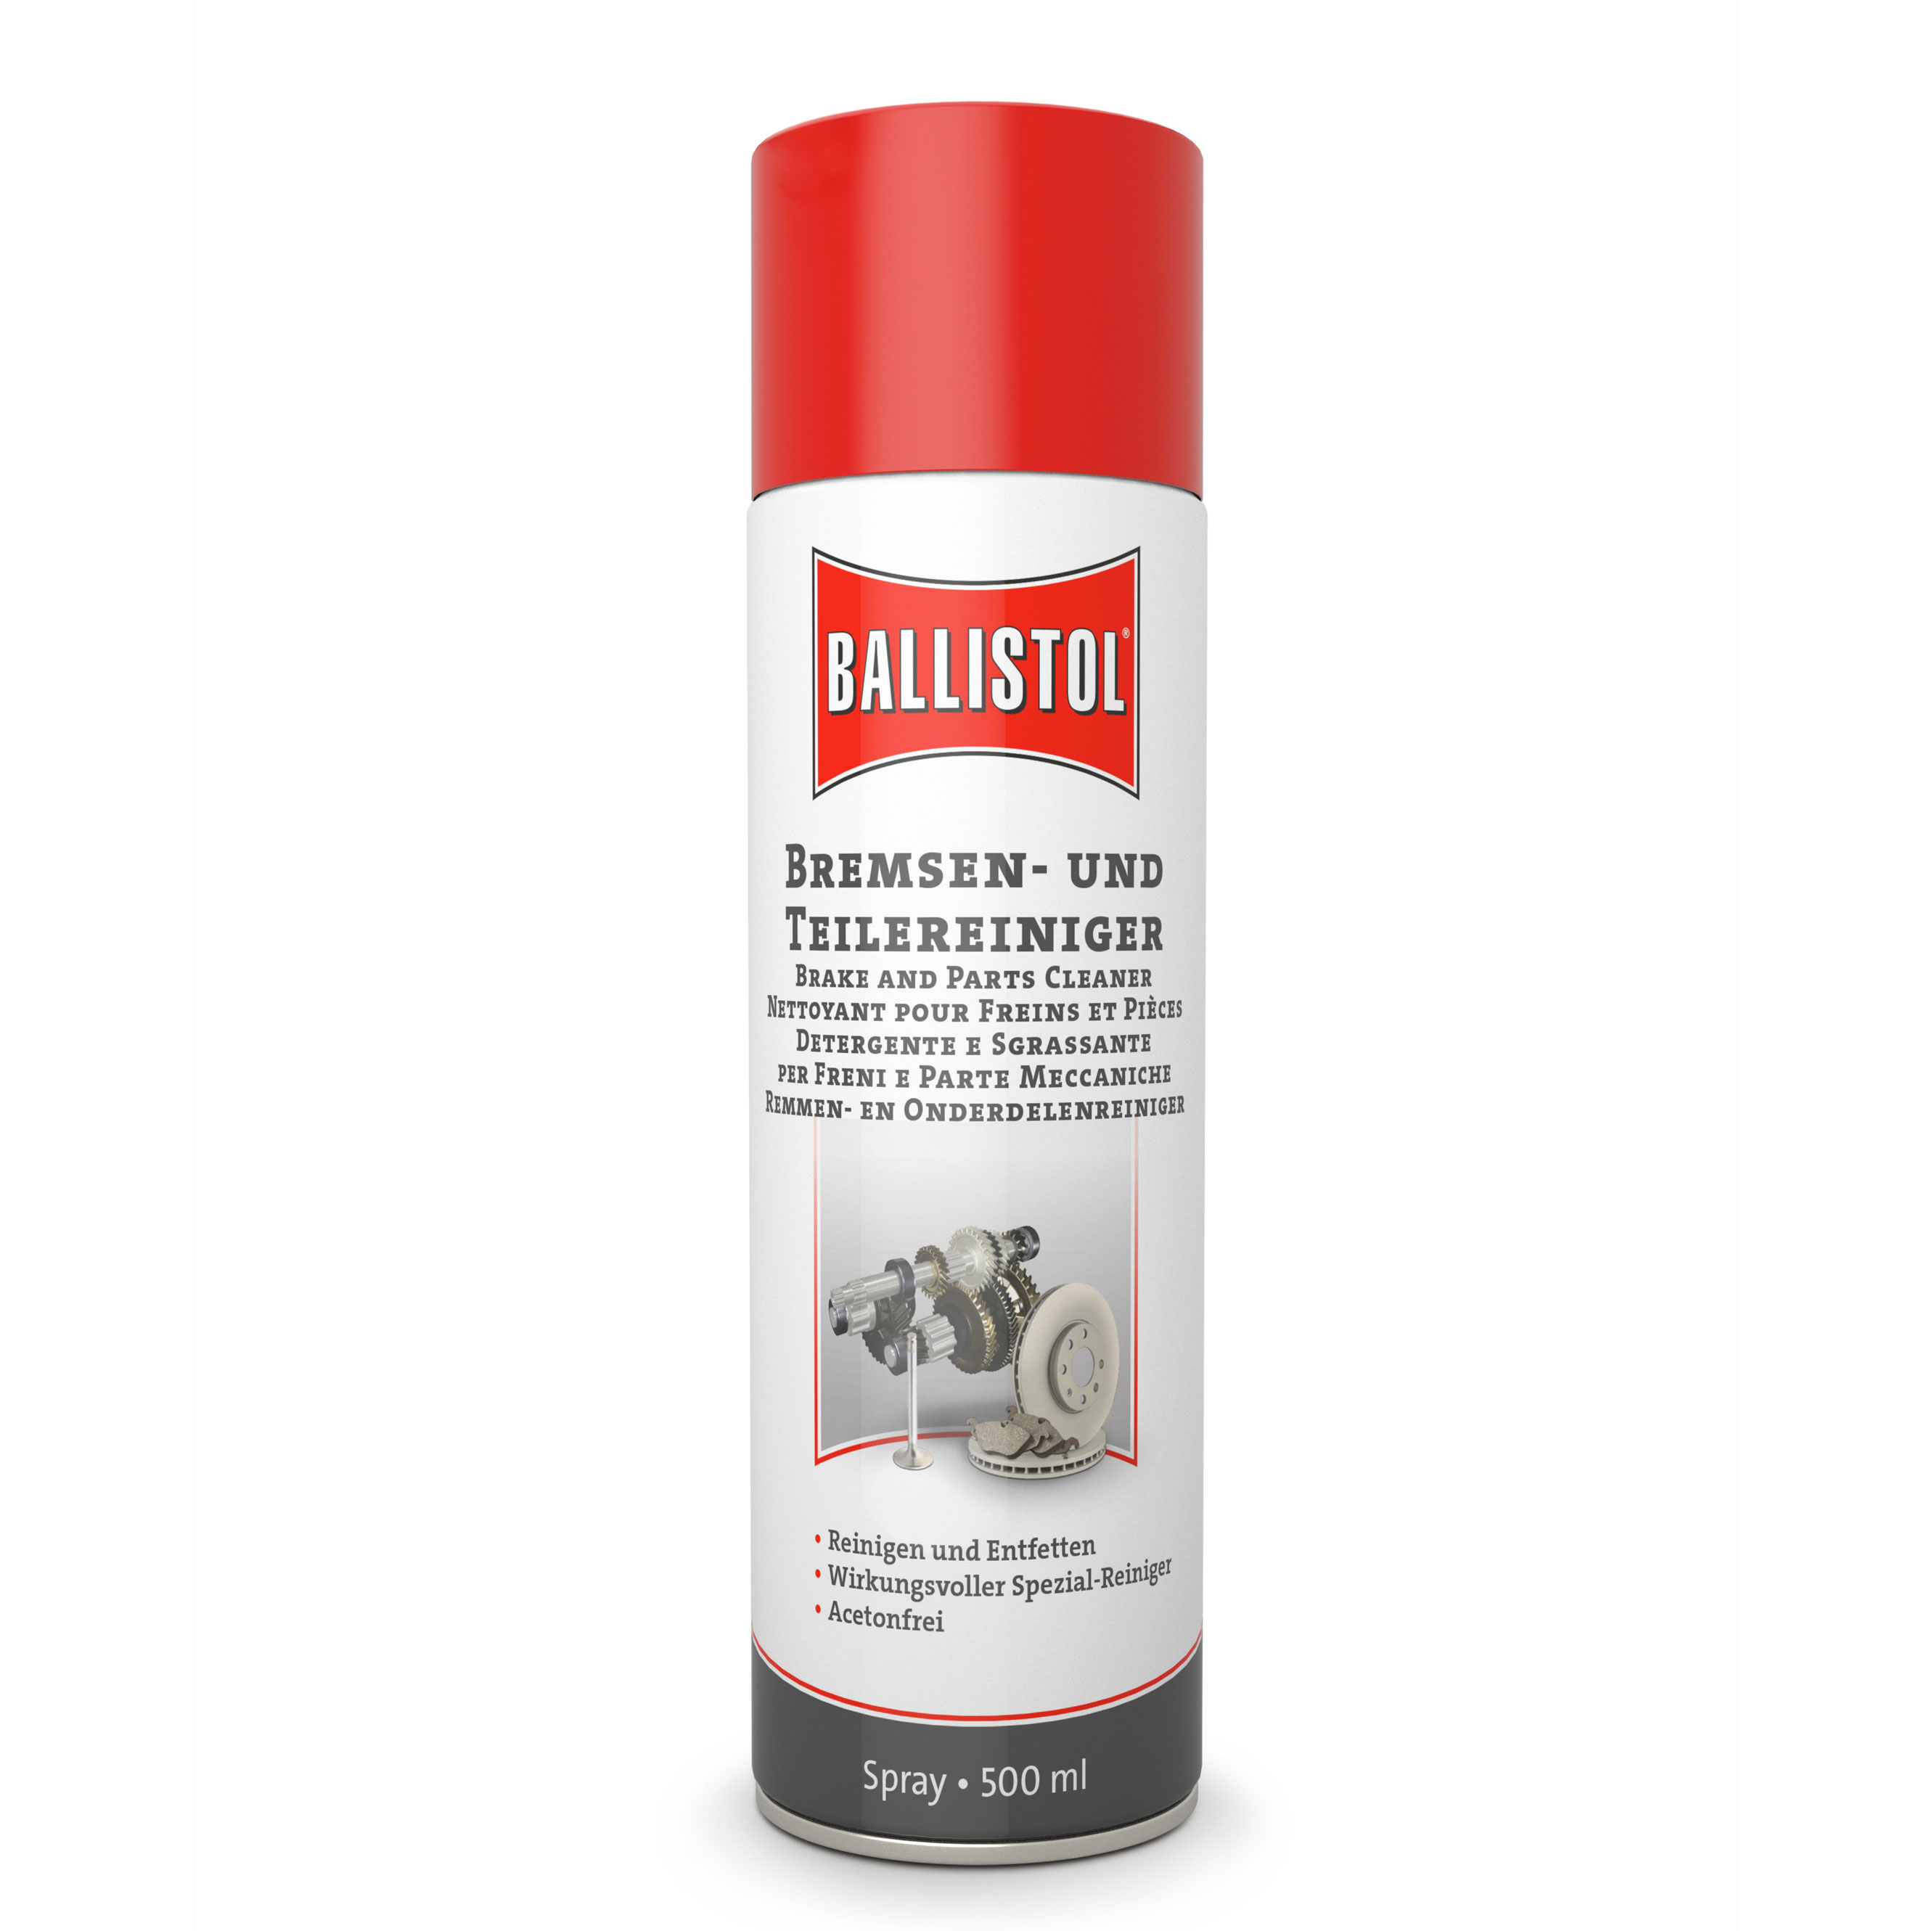 BALLISTOL Bremsen- und Teilereiniger, 500ml - entfernt Öl, Fett, Klebstoffreste u.v.m.